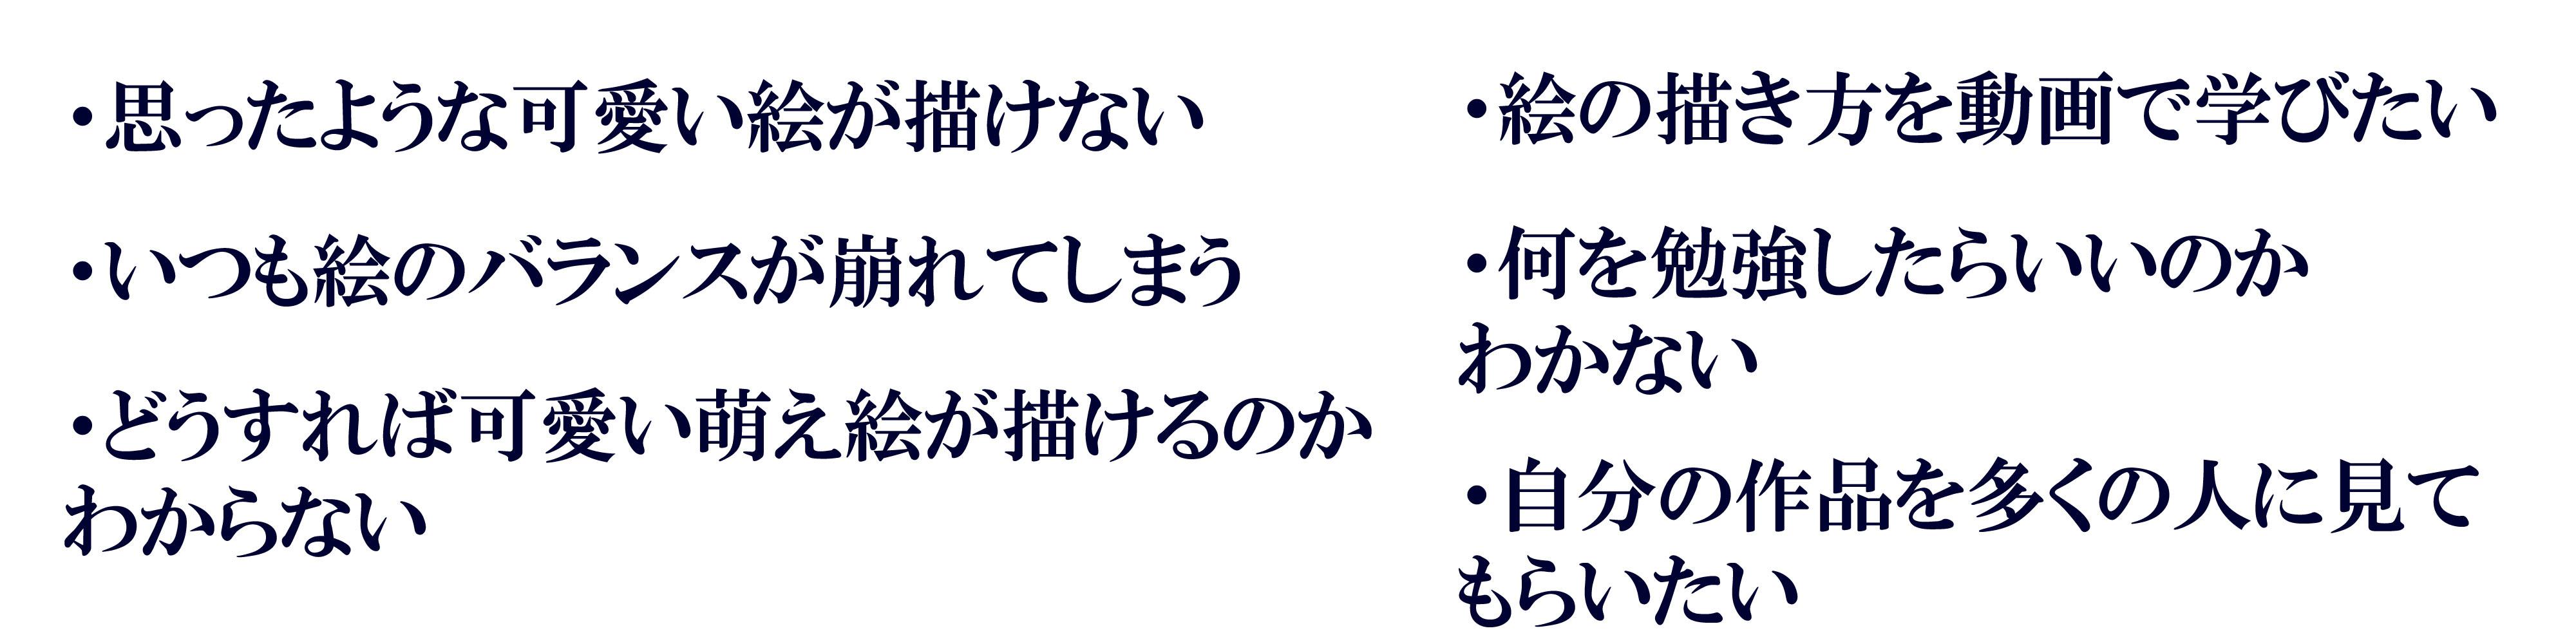 omottayounakawaiie4.jpg